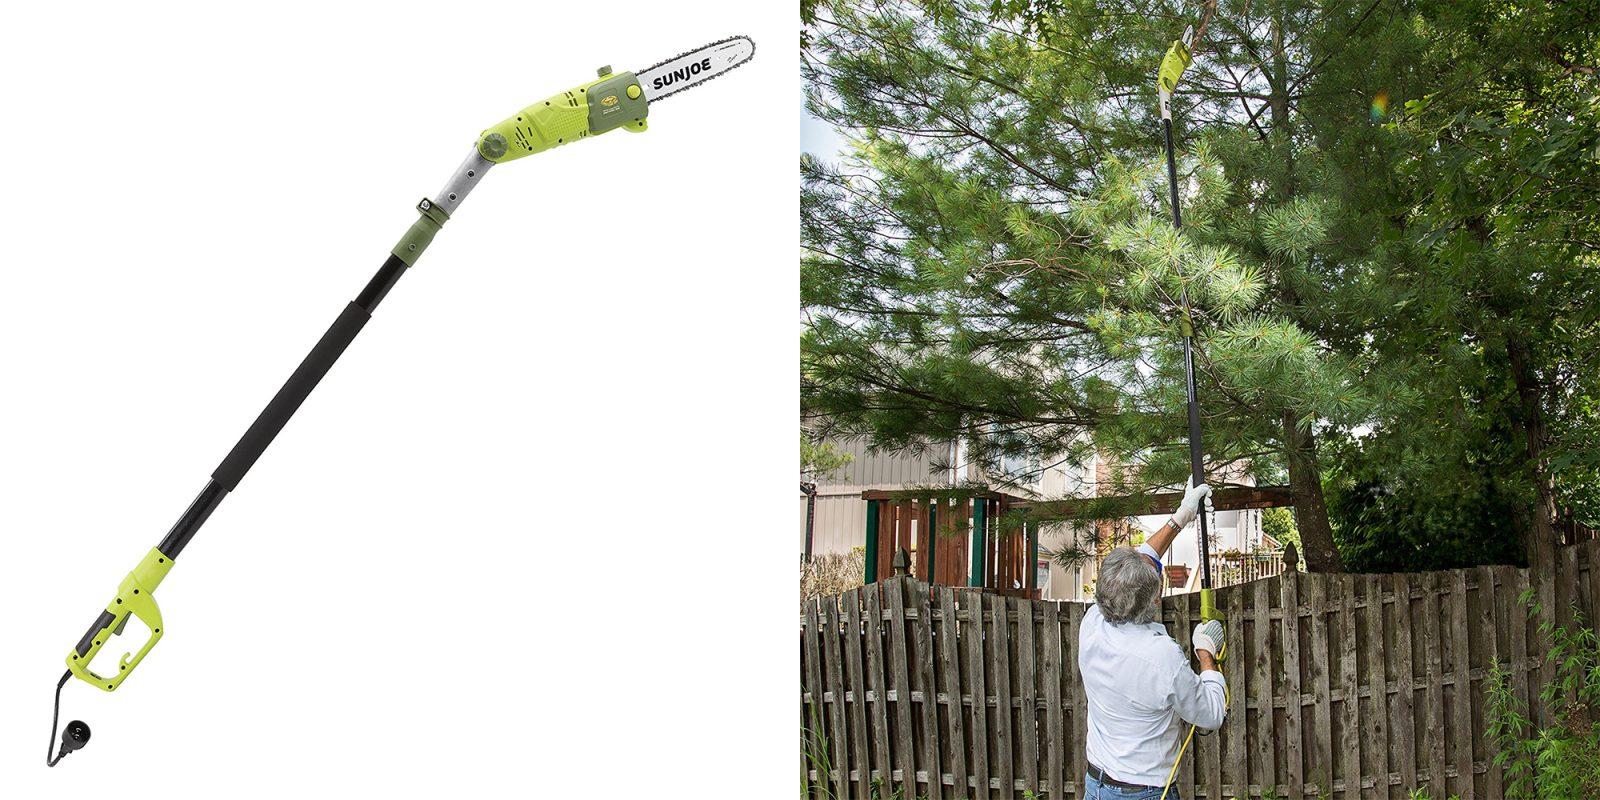 Green Deals: Sun Joe 10-inch 8A Multi-Angle Pole Chain Saw $60, more ...